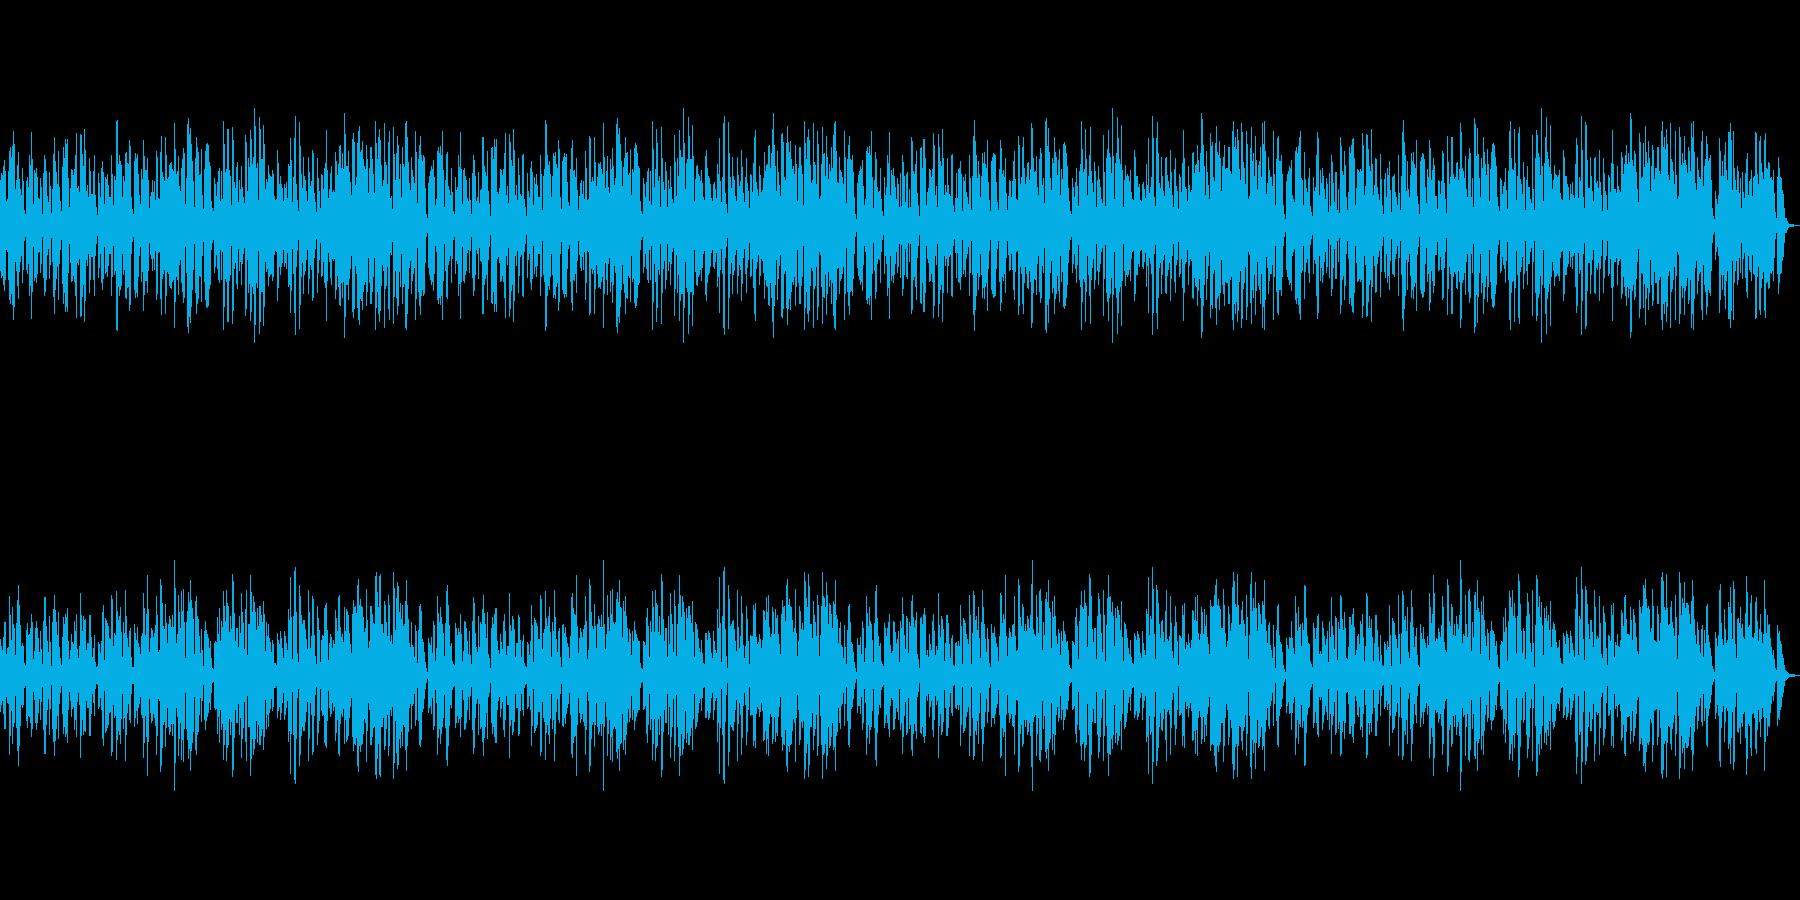 のんびりとした雰囲気のピアノ曲の再生済みの波形